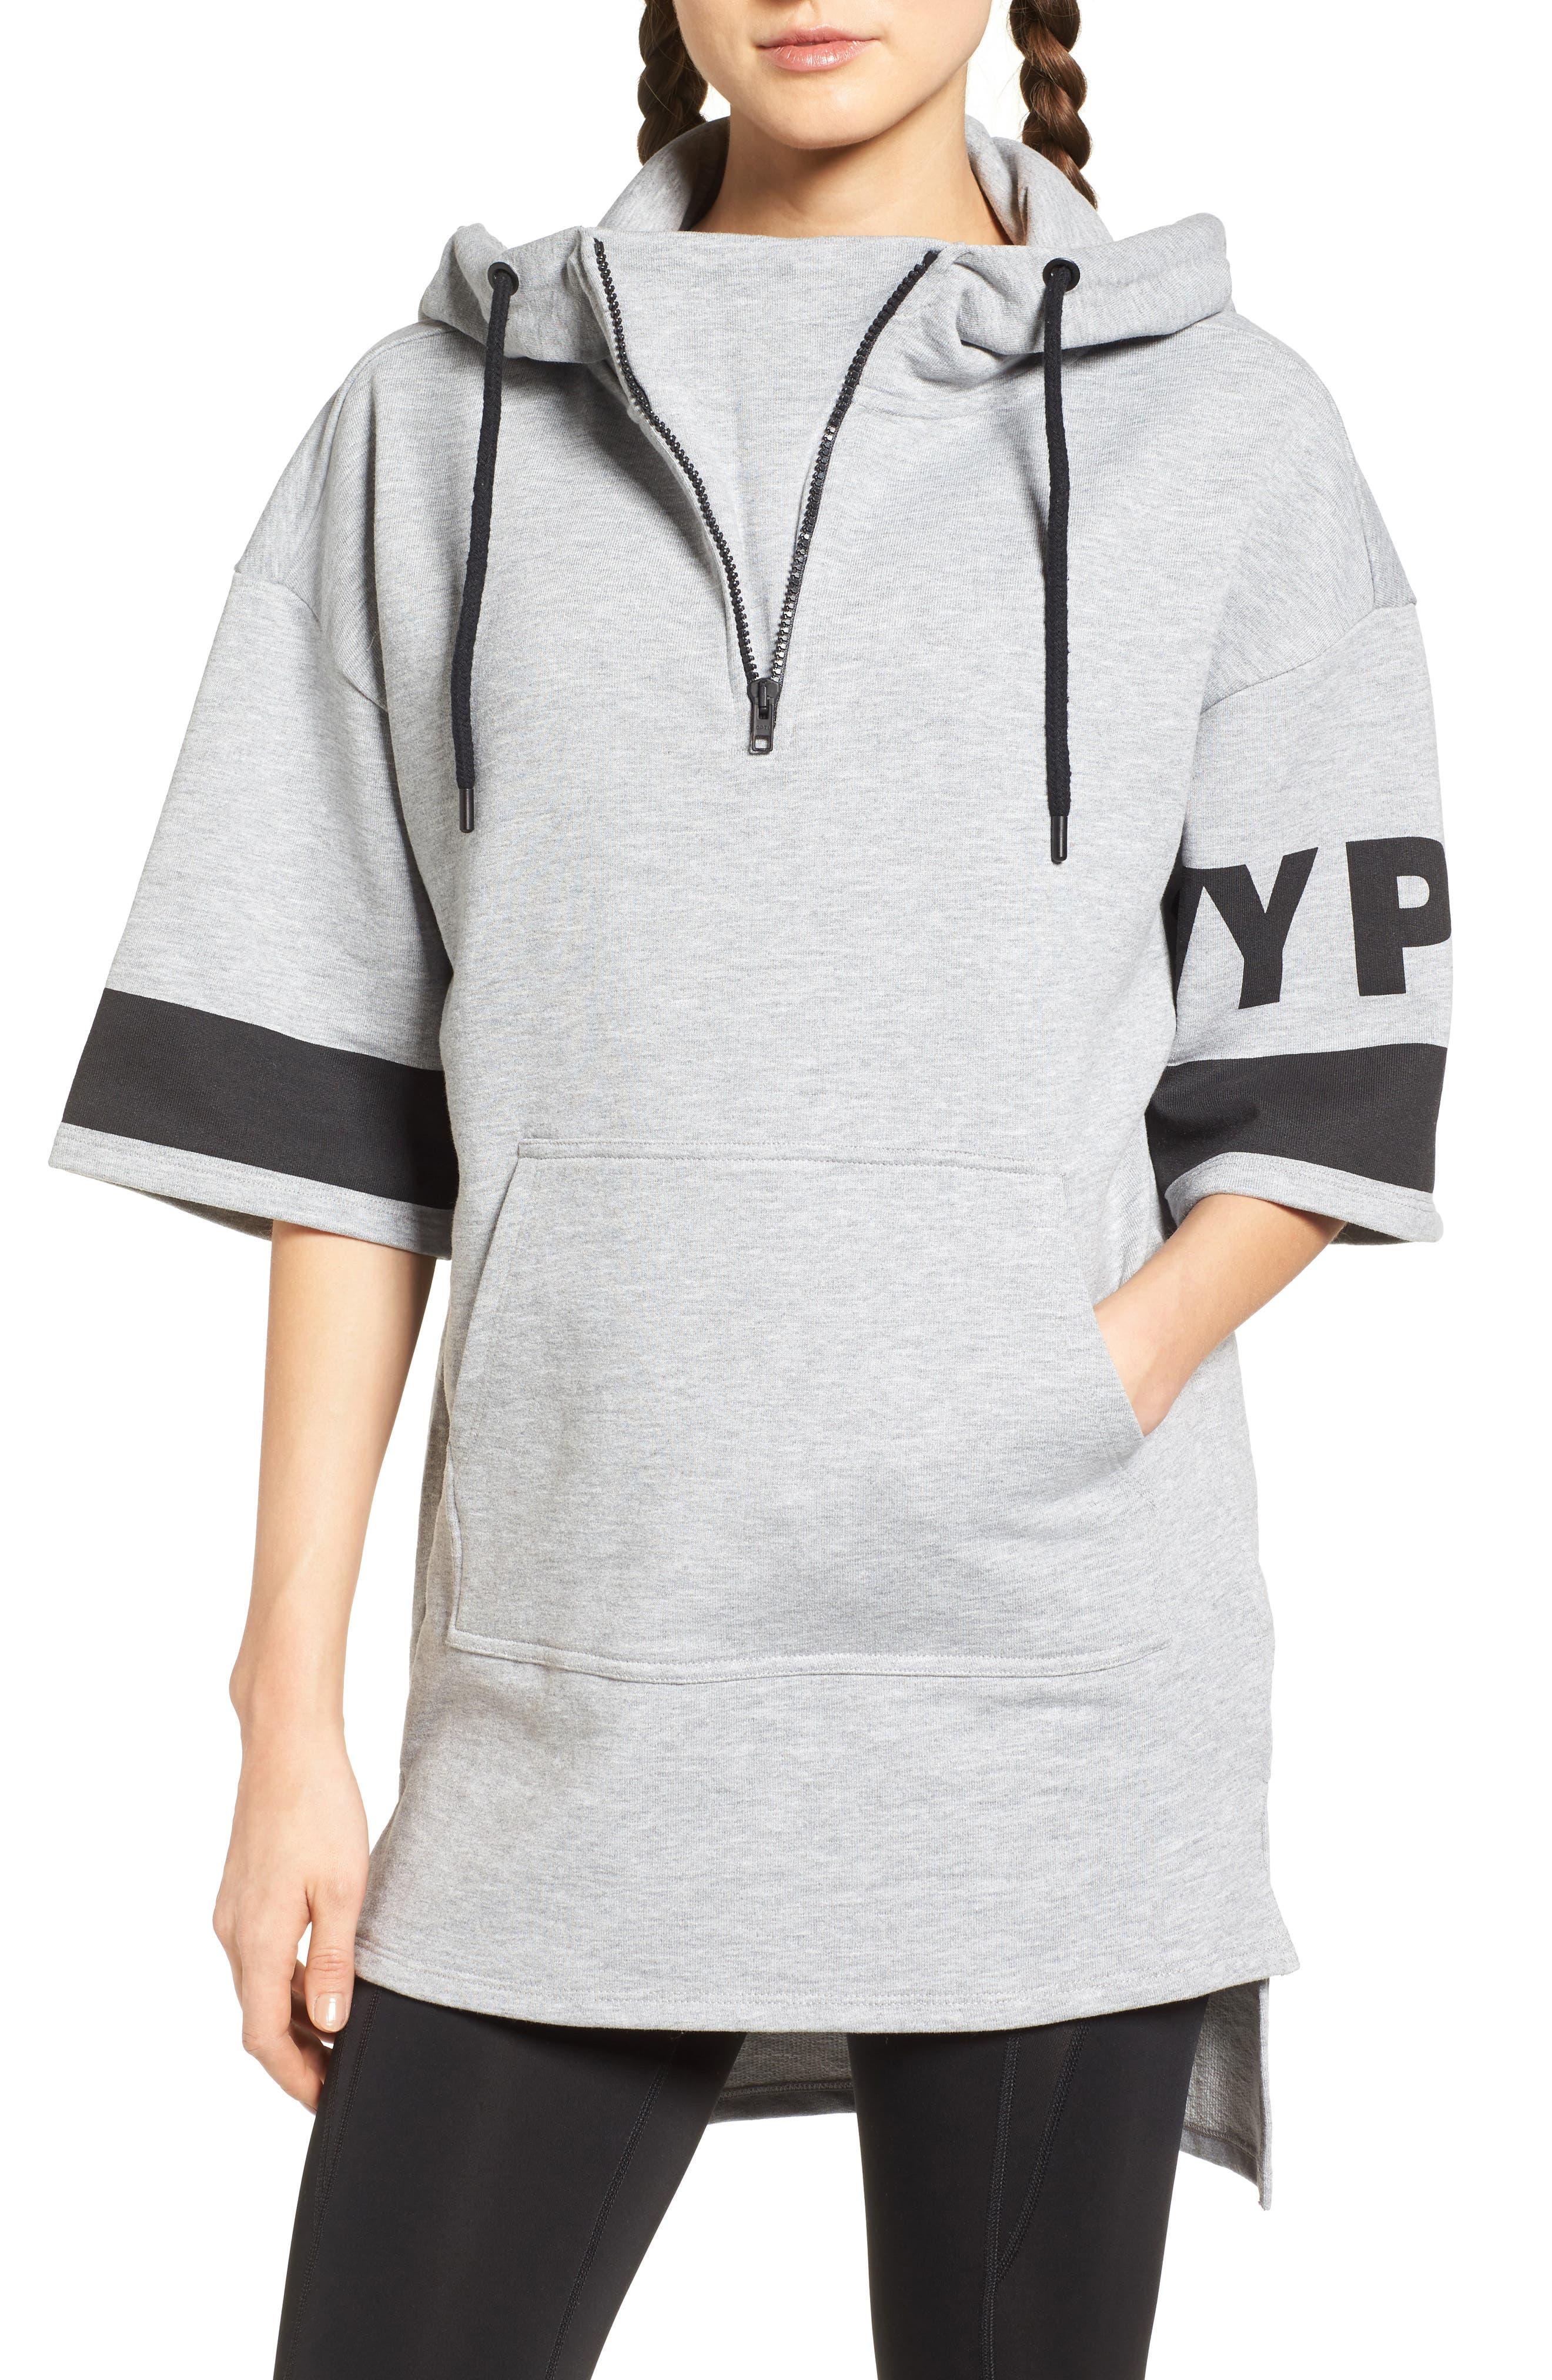 Alternate Image 1 Selected - IVY PARK® Logo Sleeve Hoodie